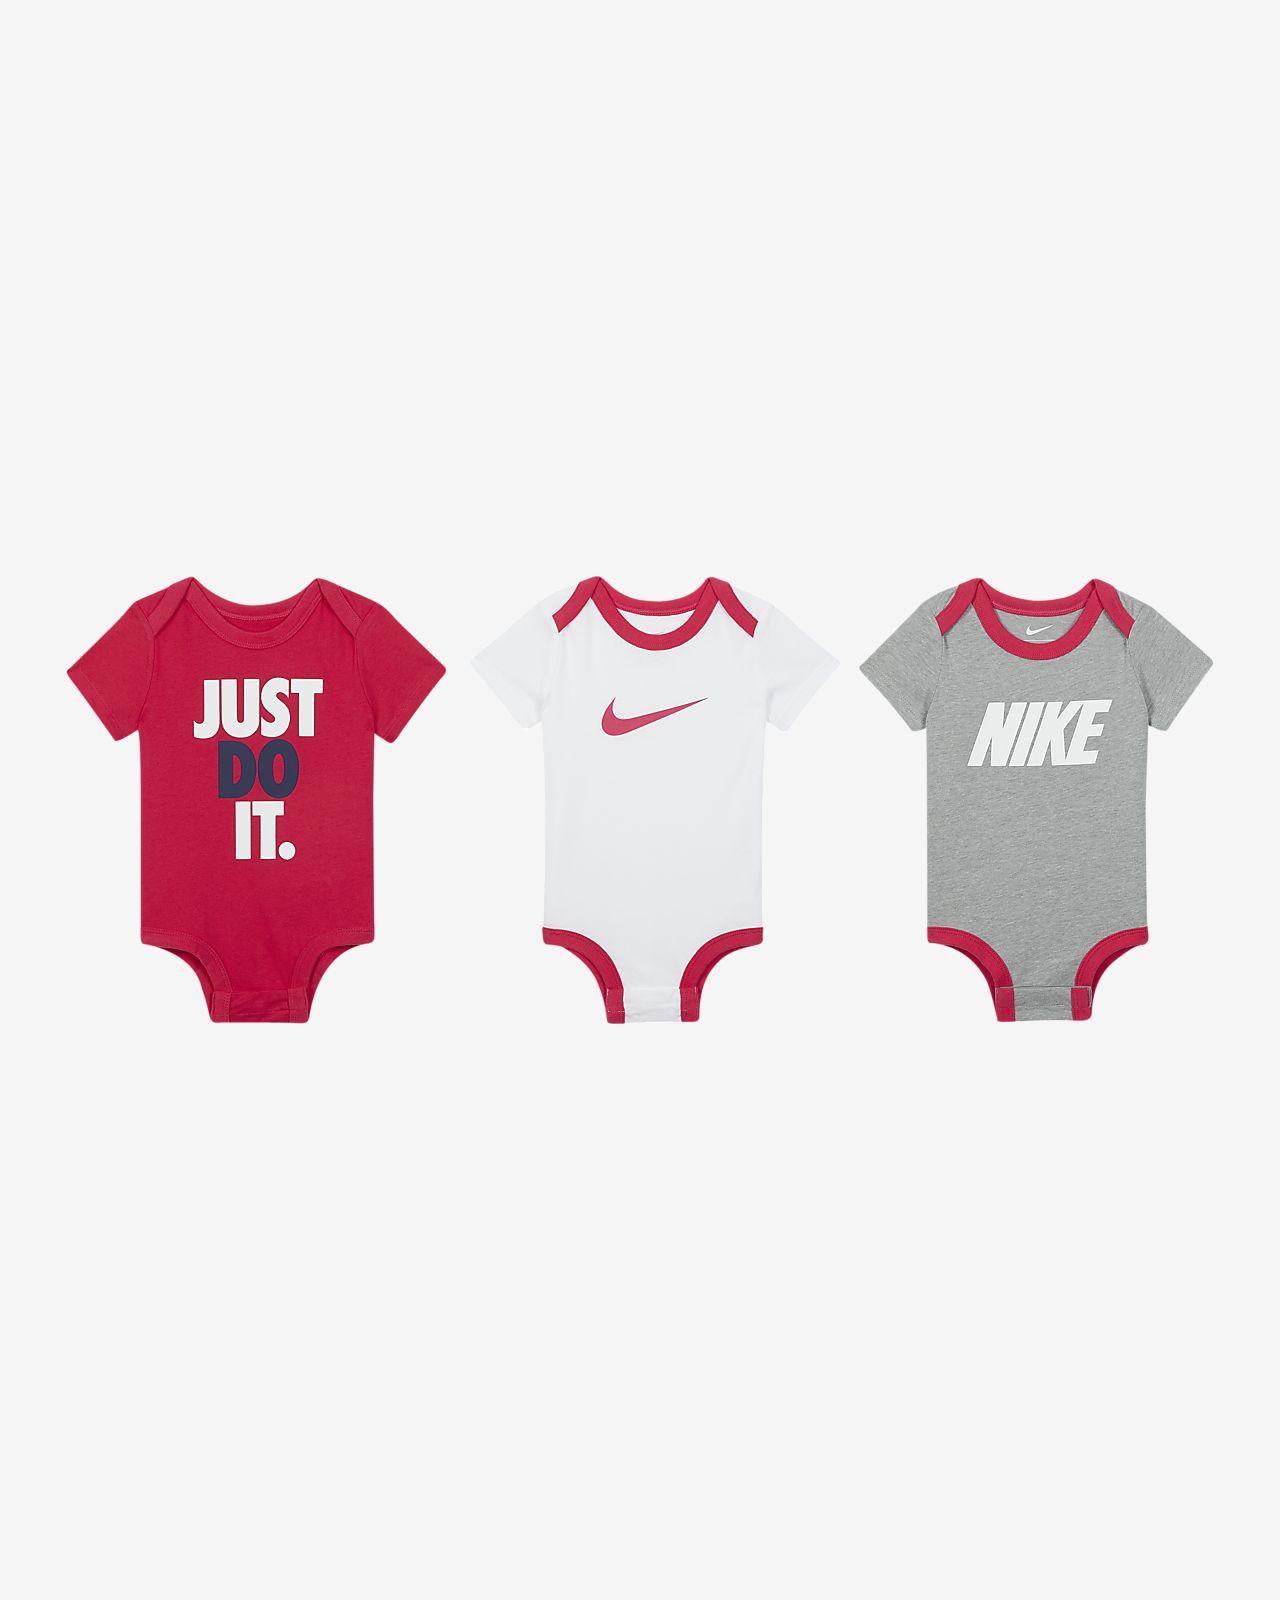 Nike bodyszett babáknak (0–9 hónapos) (3 darabos csomag)